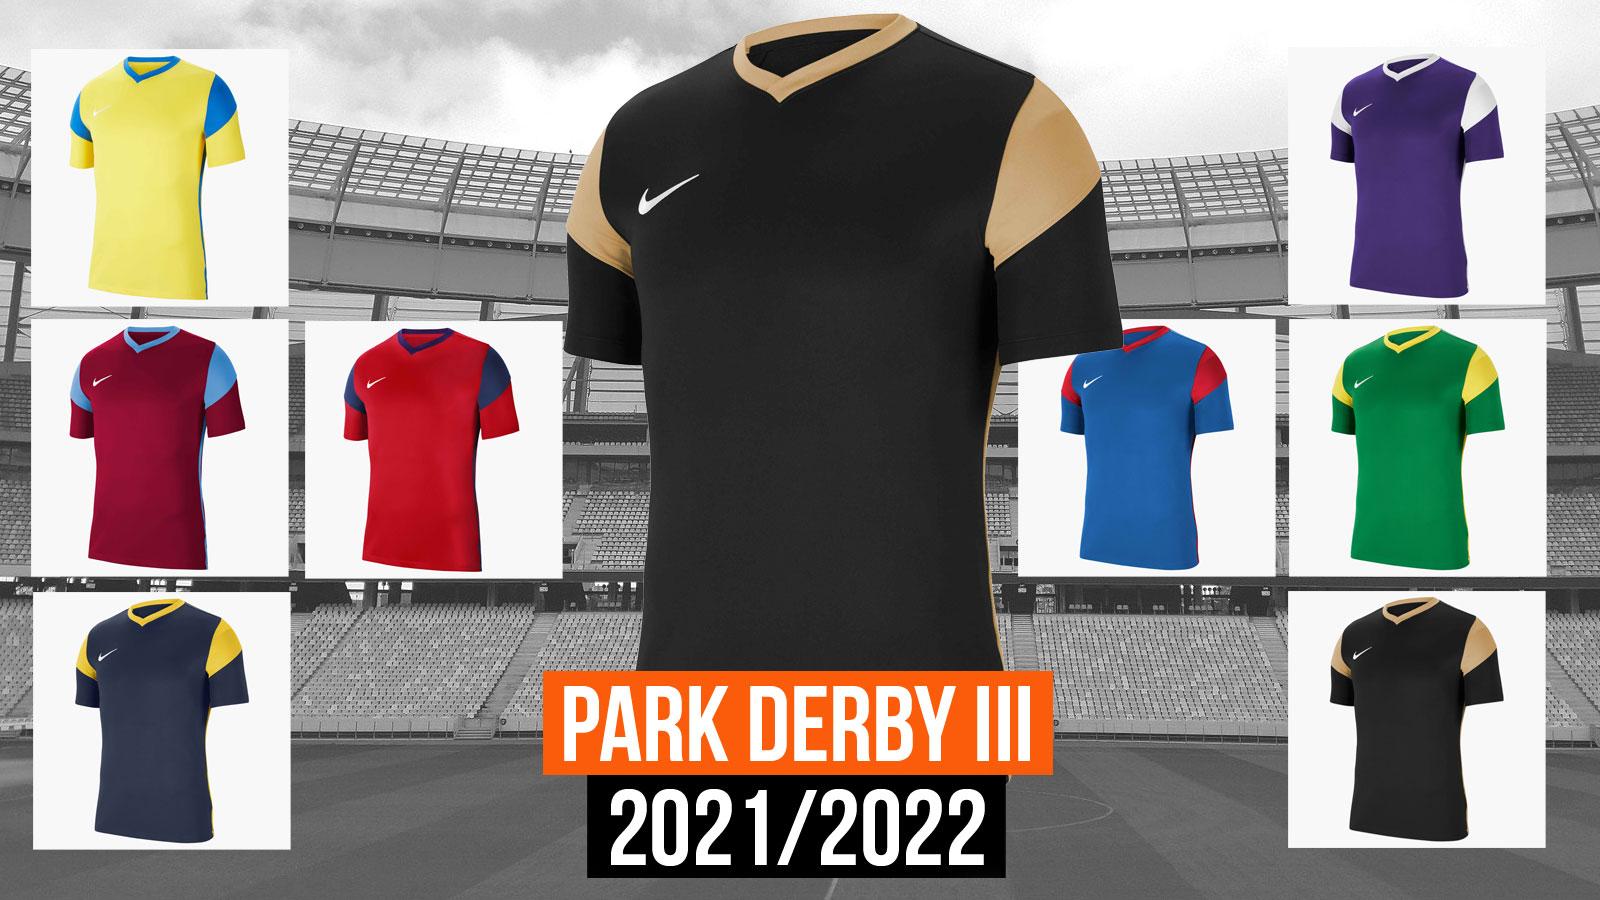 Das Nike Park Derby III Trikot für die Jahre 2021/2022/2022